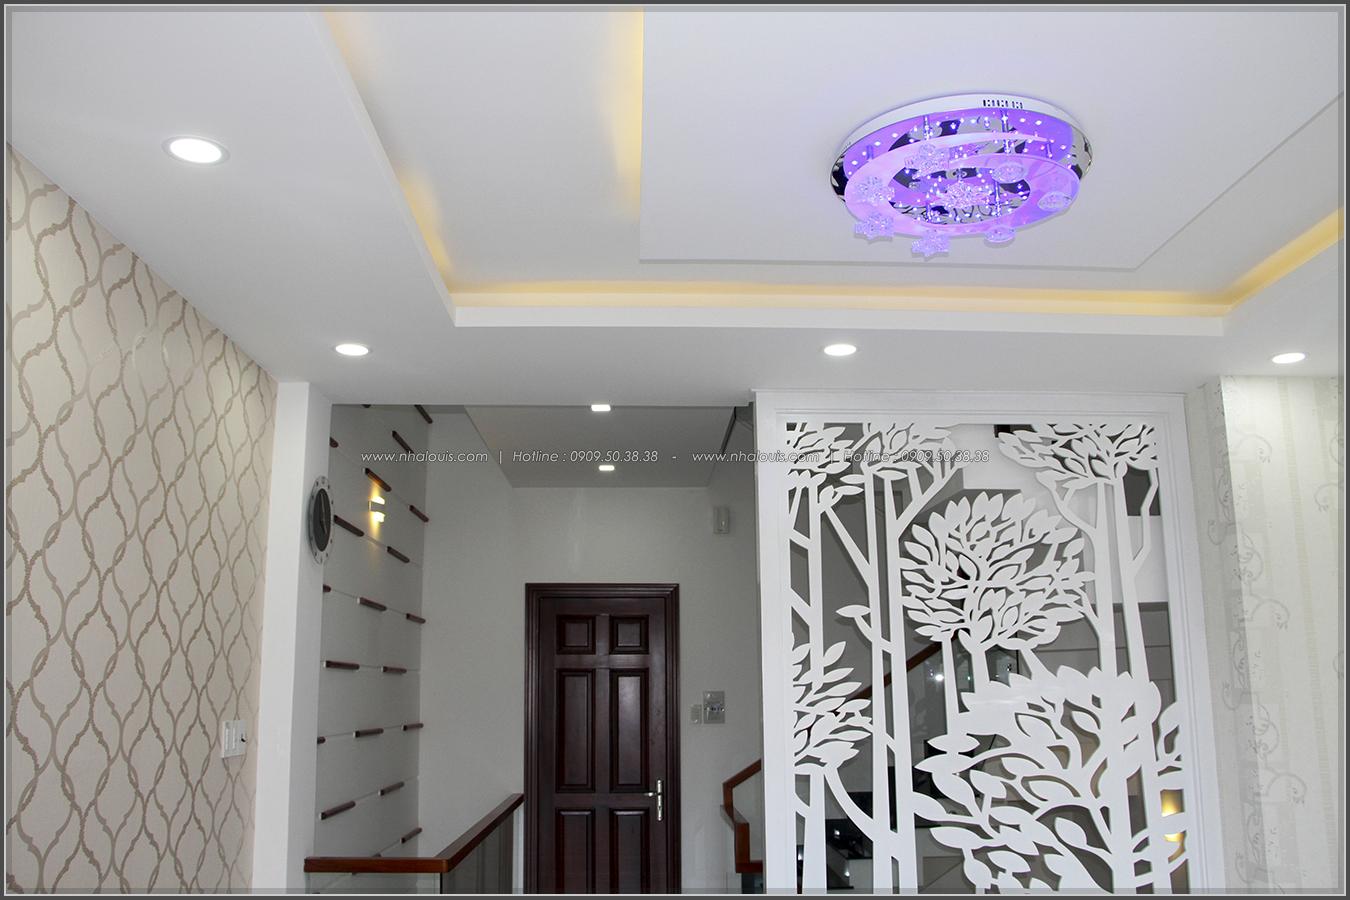 Thi công xây dựng nhà phố phong cách hiện đại cao 3 tầng tại Tân Phú - 12